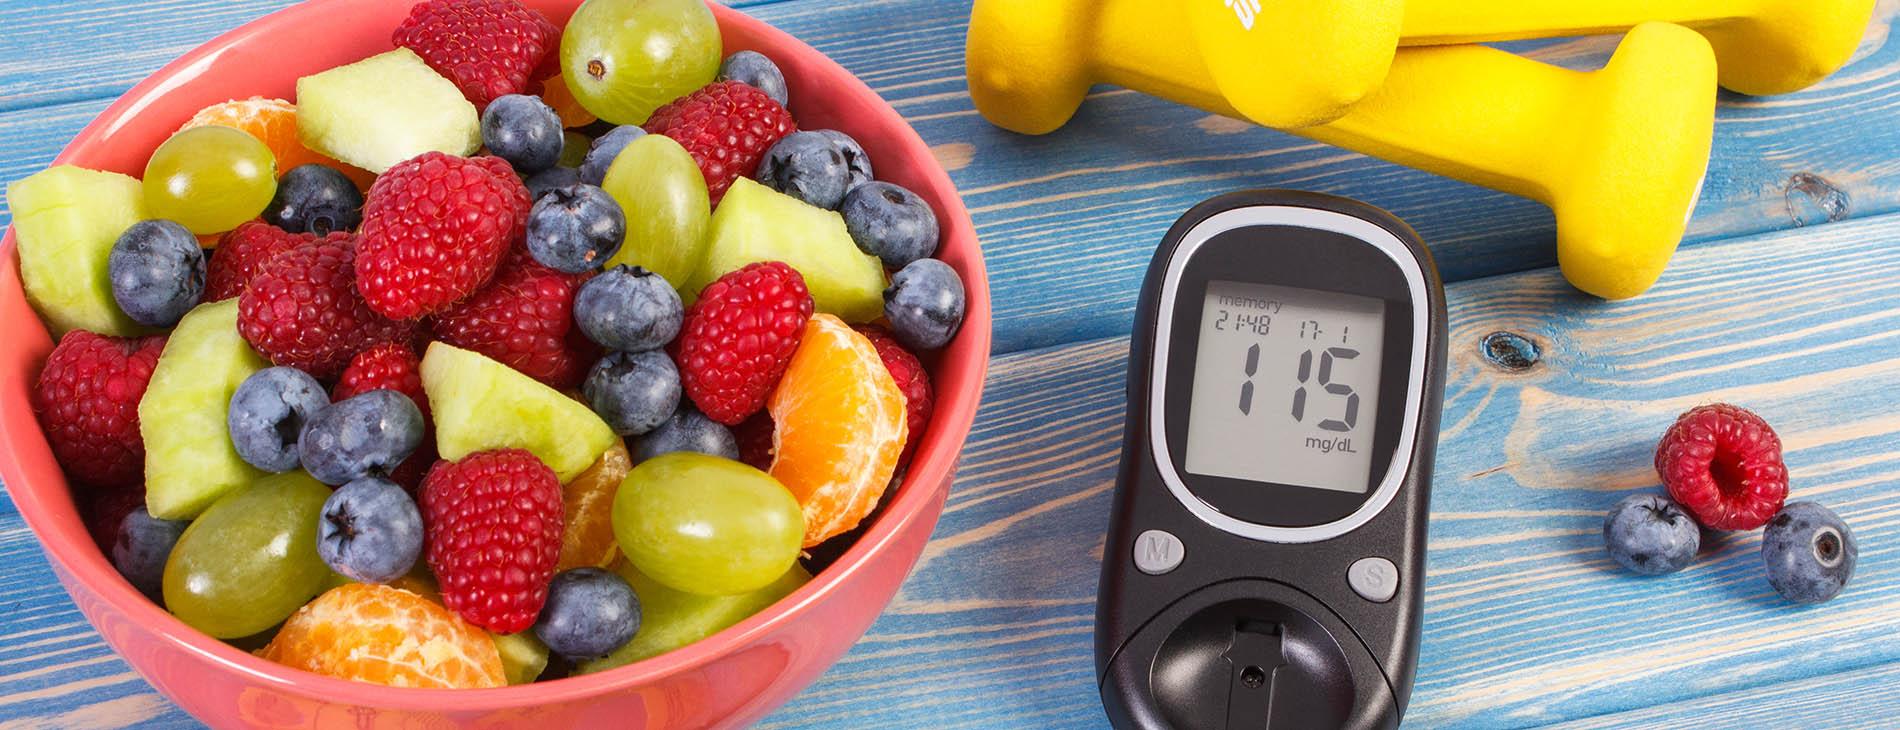 kaip gydyti hipertenziją sergant cukriniu diabetu)